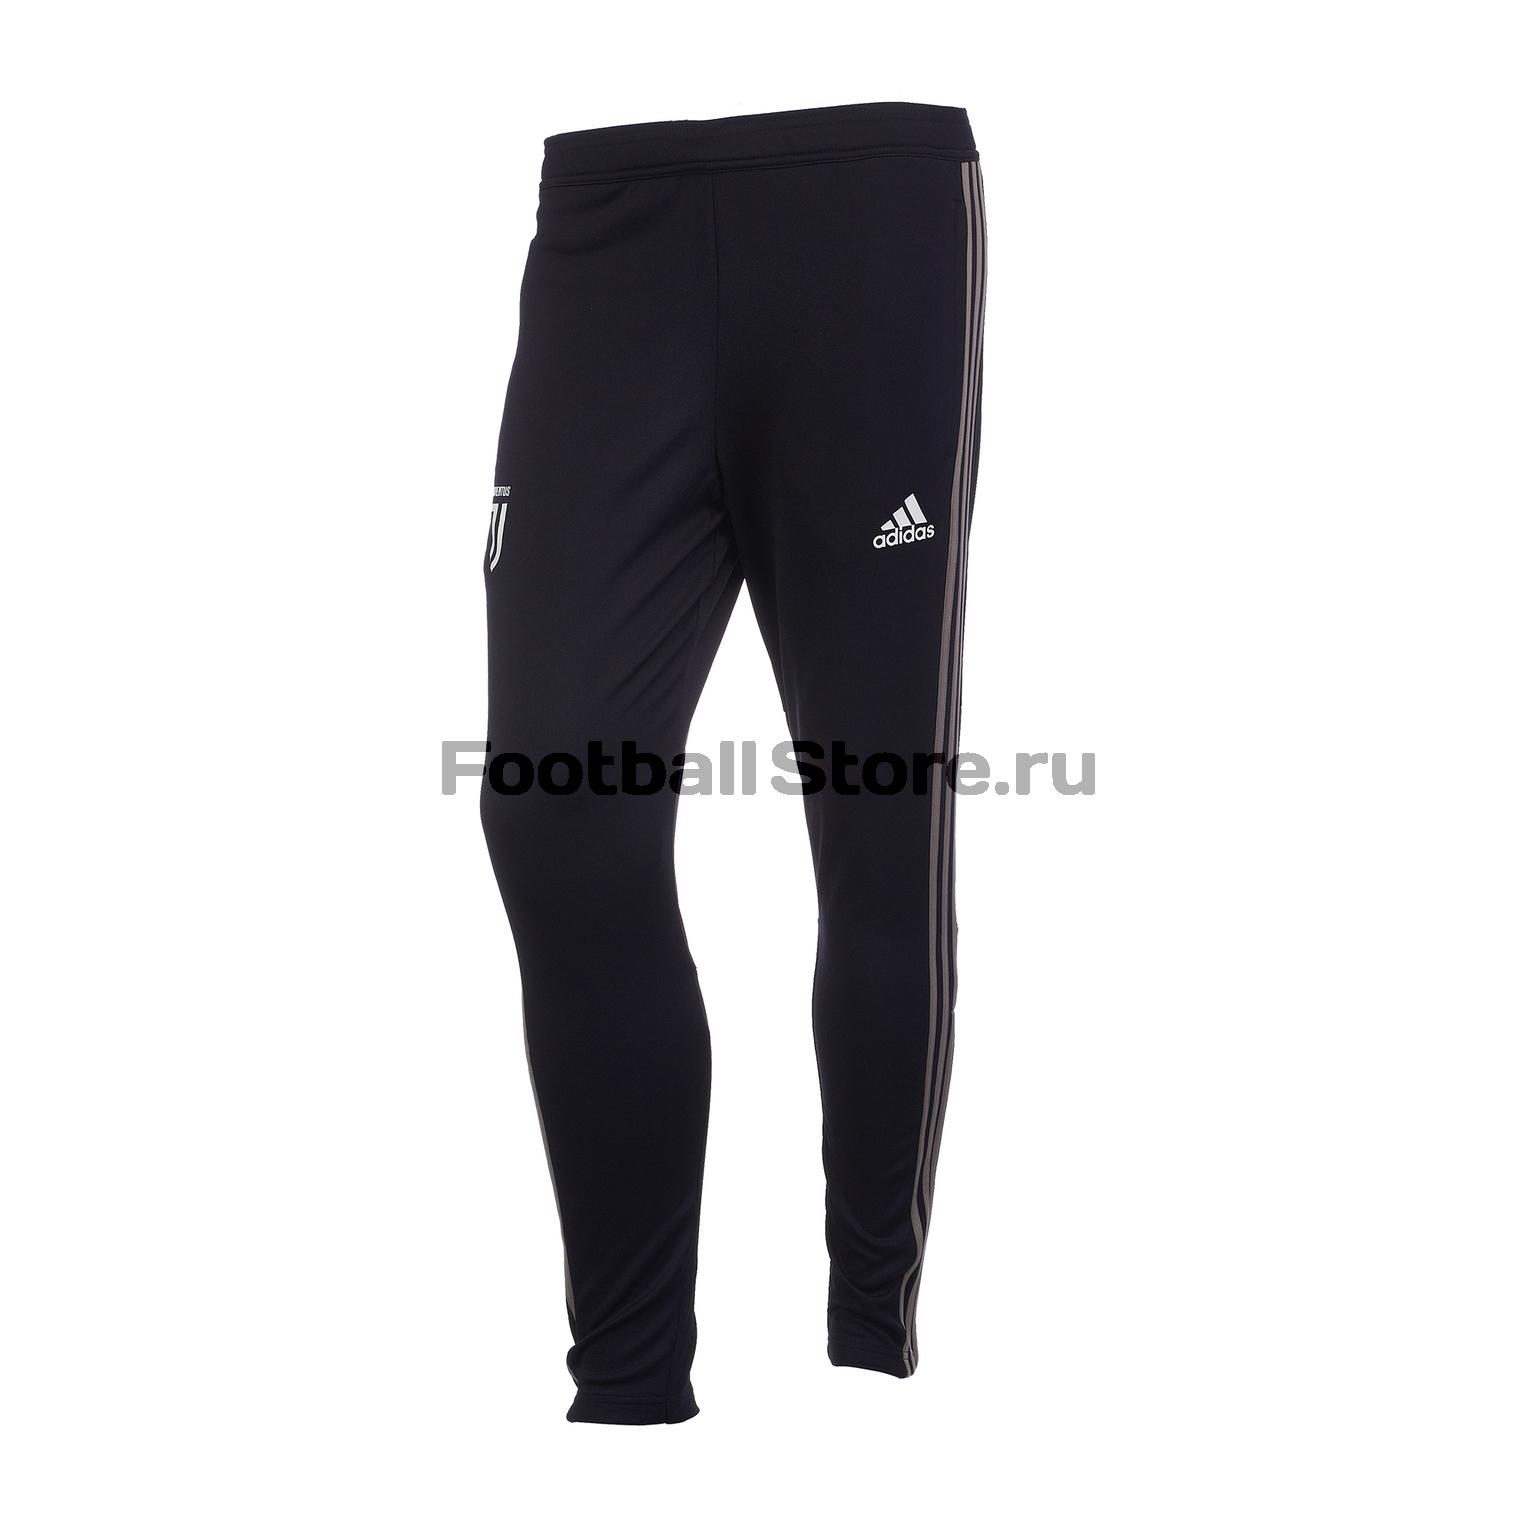 Брюки тренировочные Adidas Juventus 2018/19 рюкзак adidas juventus 2018 19